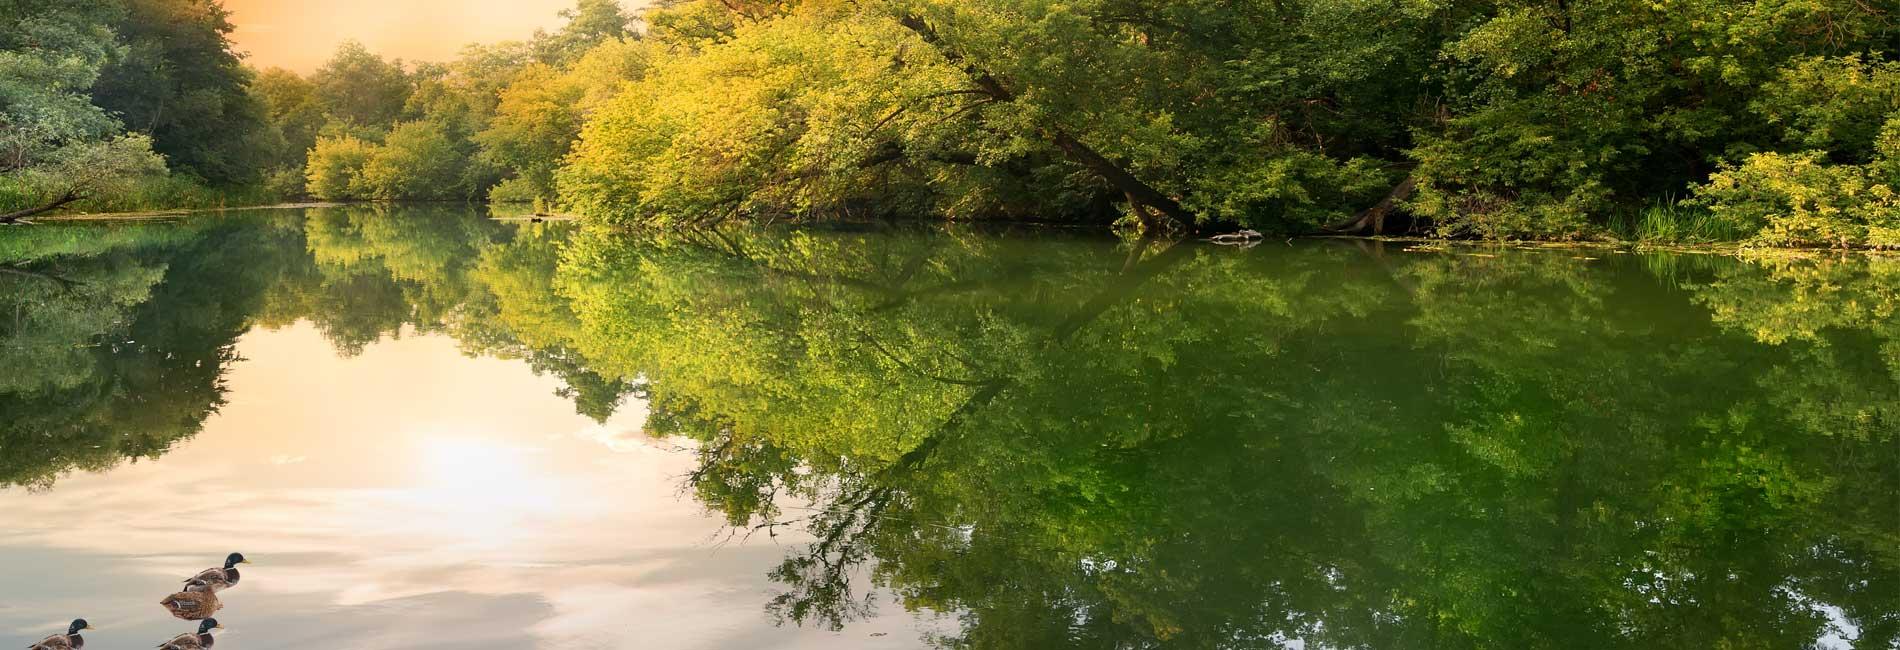 Water Duck Scene